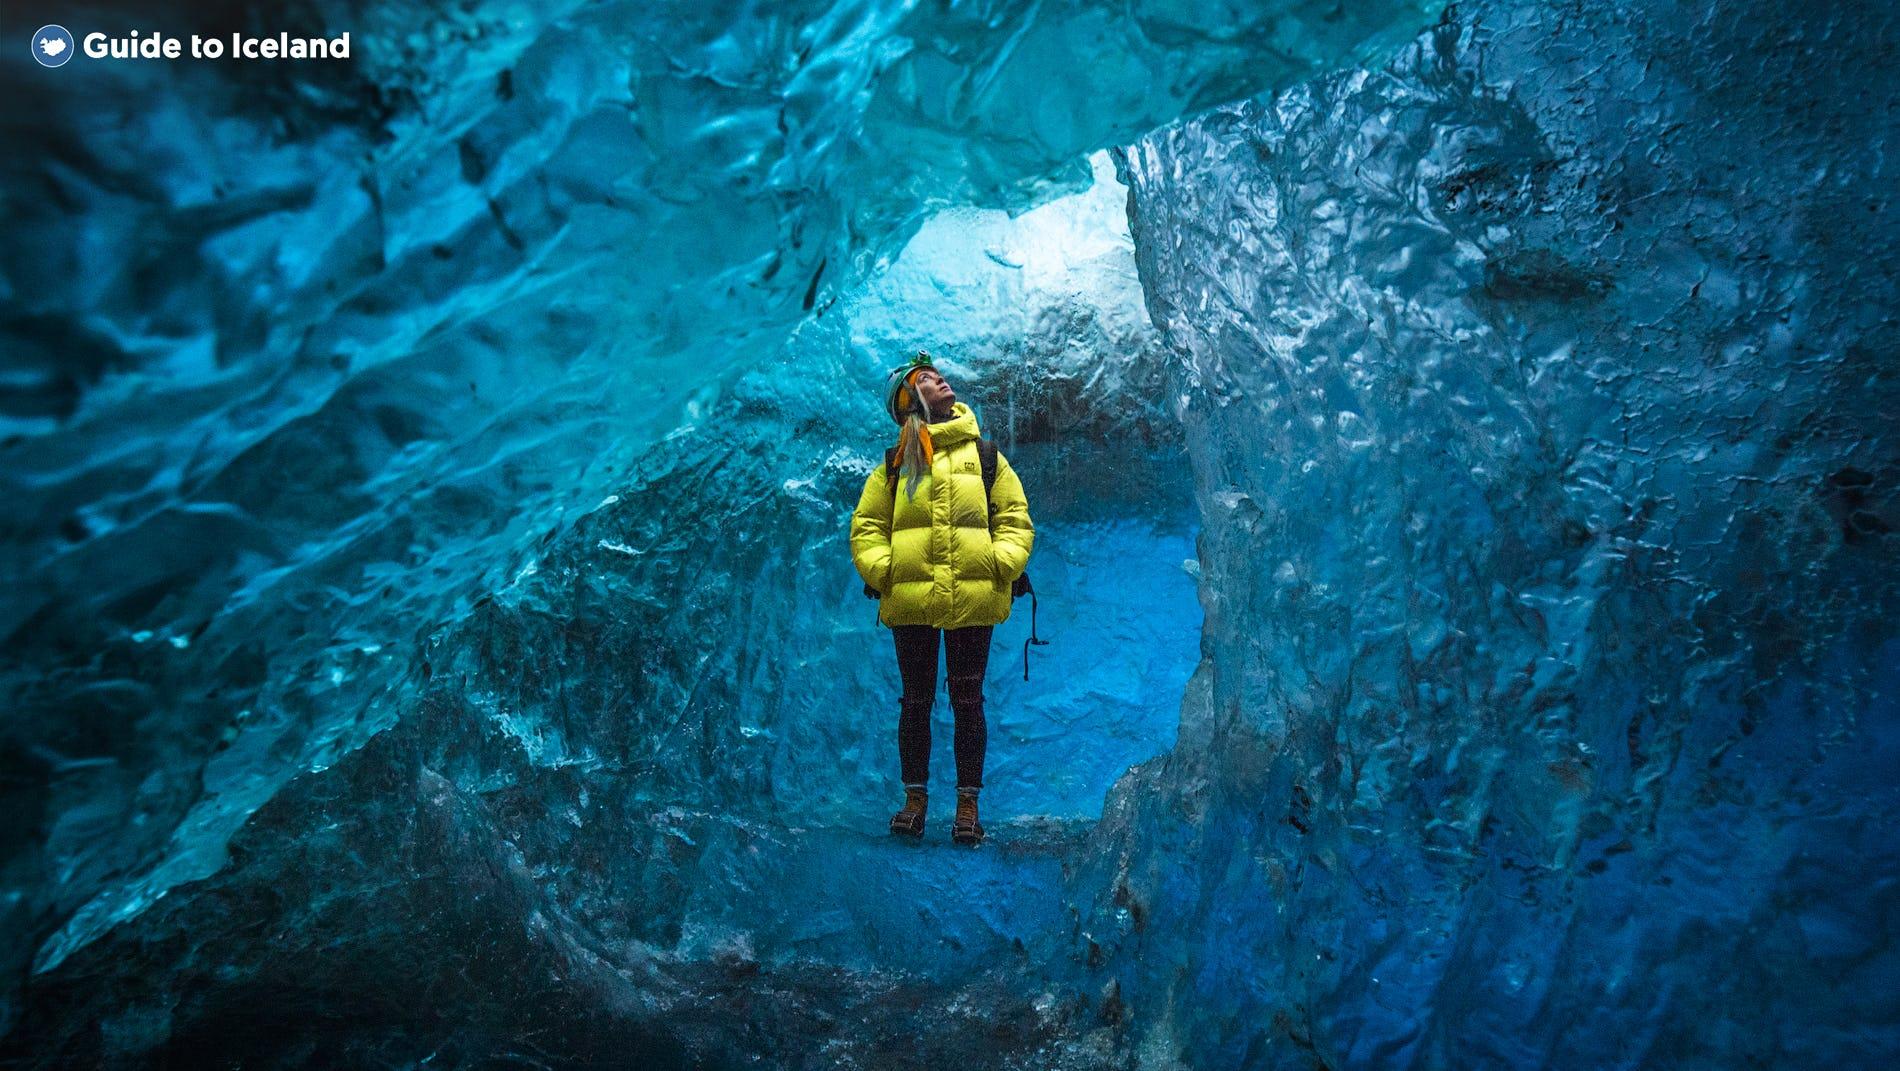 Eishöhlen-Tour im Vatnajökull | Abfahrtsort Jökulsarlon